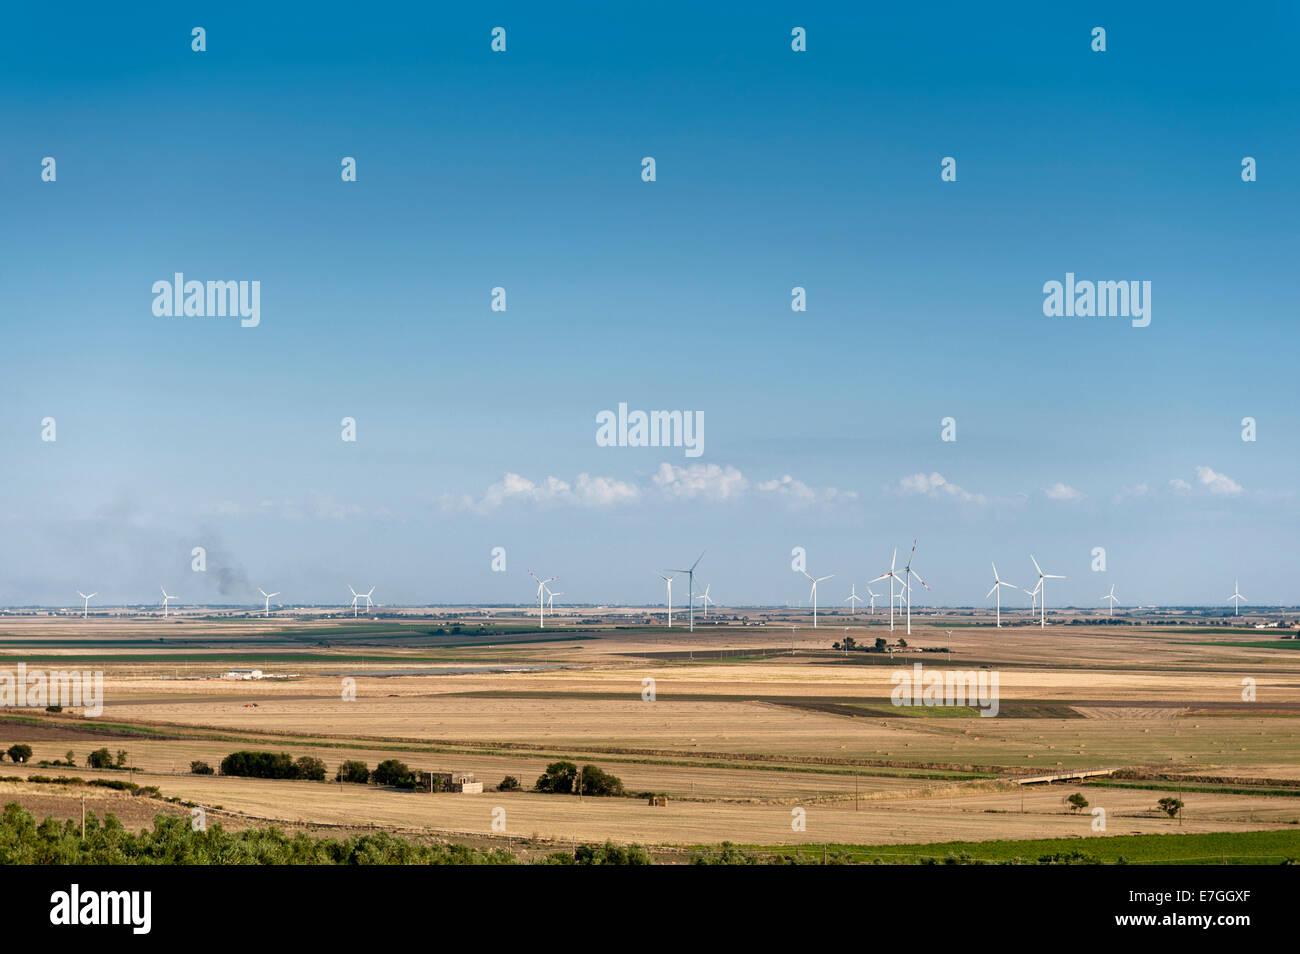 Paysage avec wind farm avec les groupes électrogènes de puissance électrique Banque D'Images